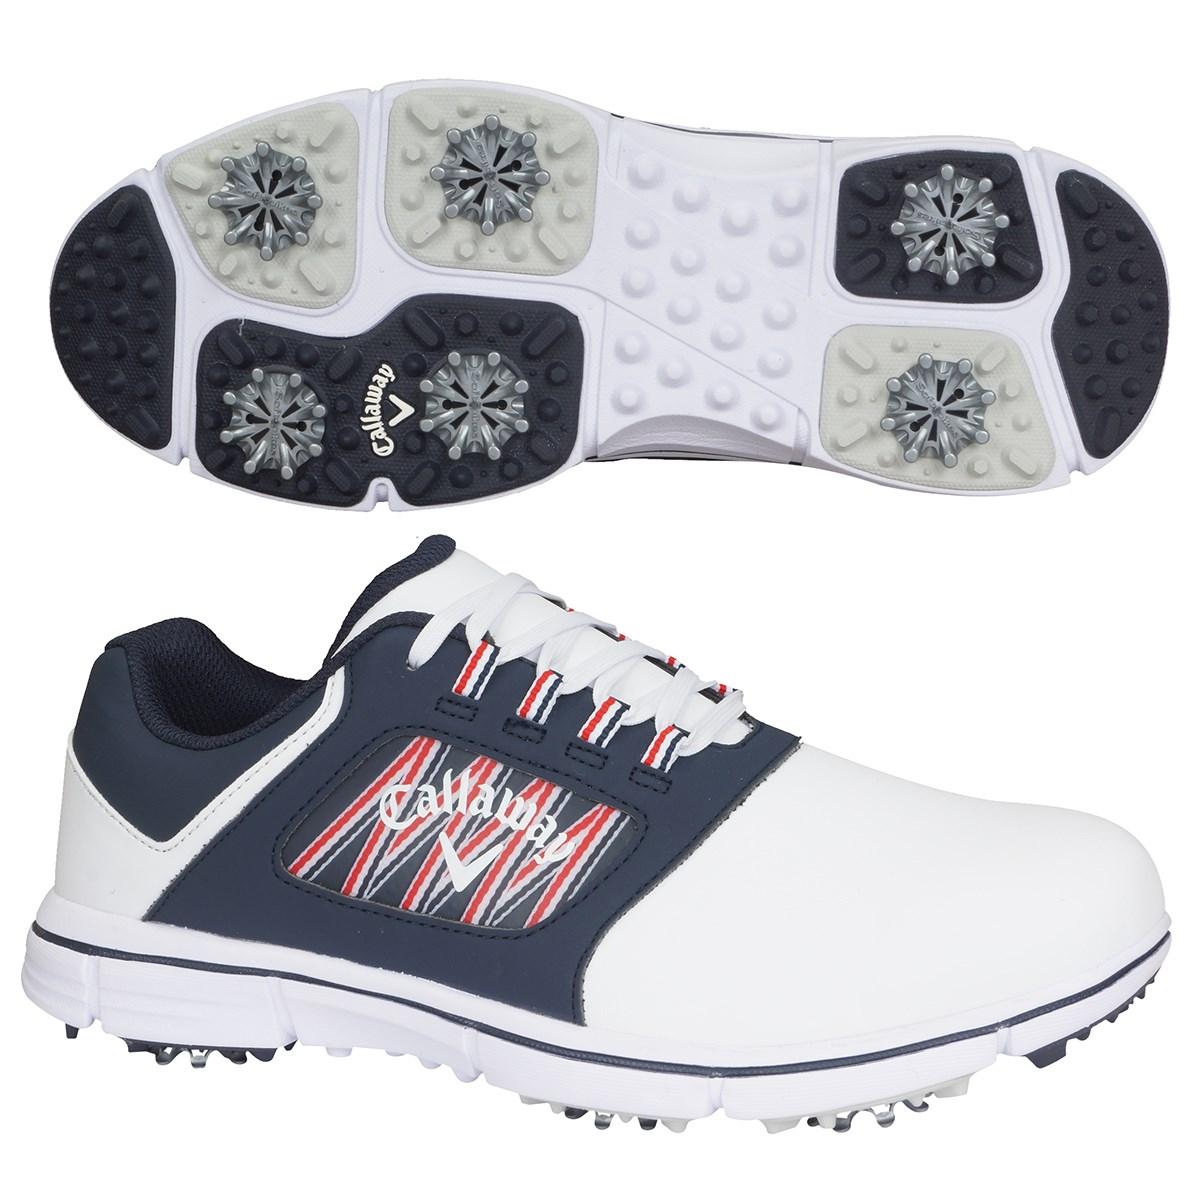 キャロウェイゴルフ Callaway Golf CHEVLITE 20 ゴルフシューズ 26cm ホワイト/ネイビー 031